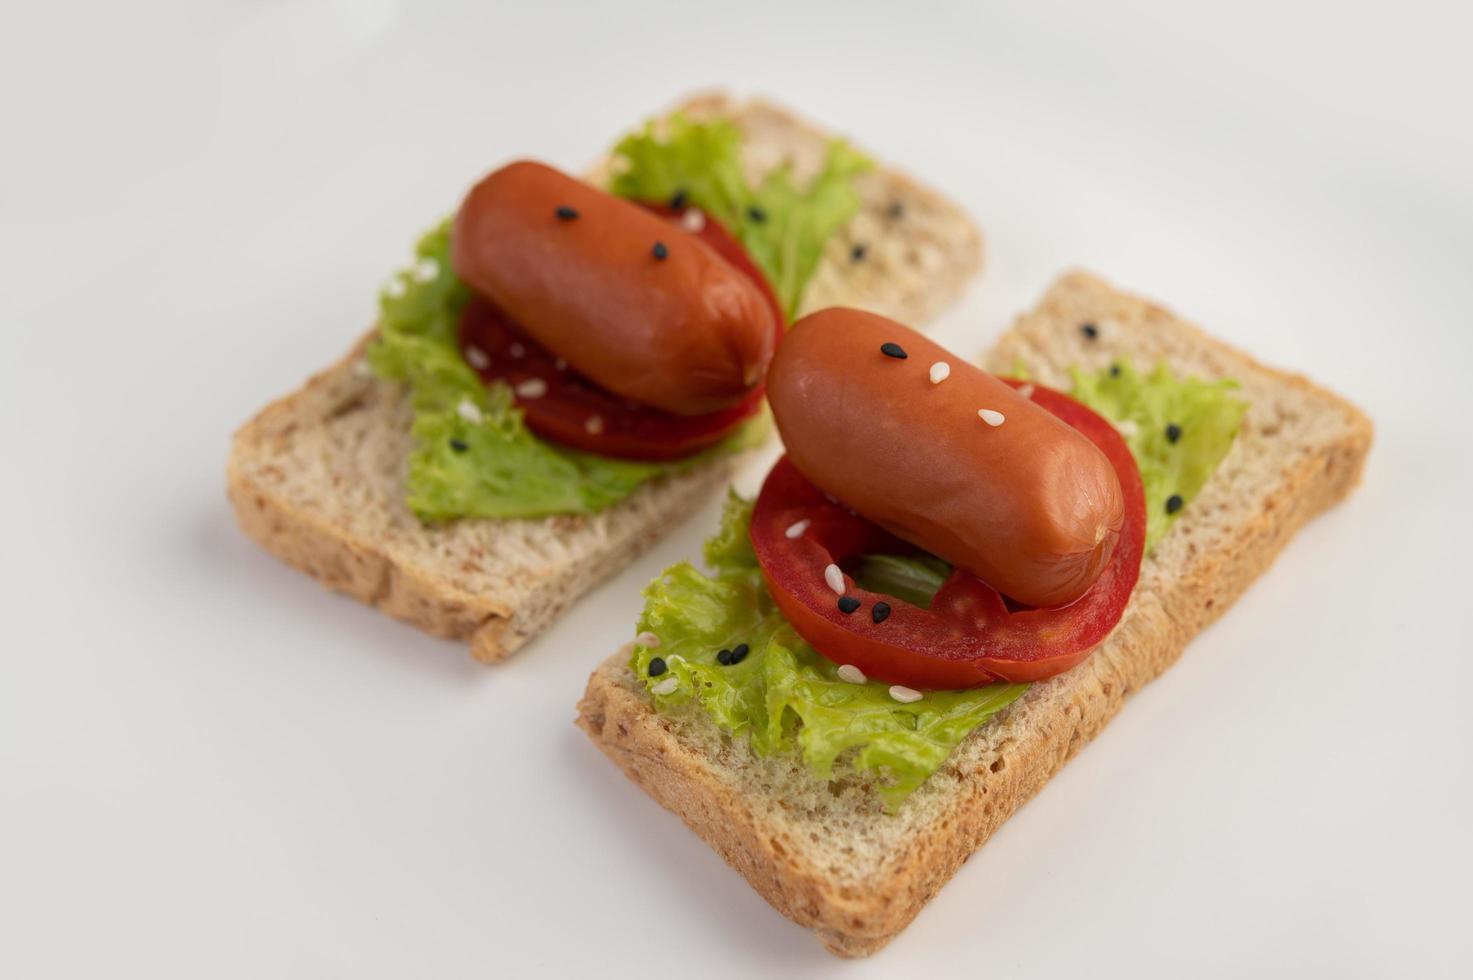 Wurst mit Tomaten und Salat auf Brot foto